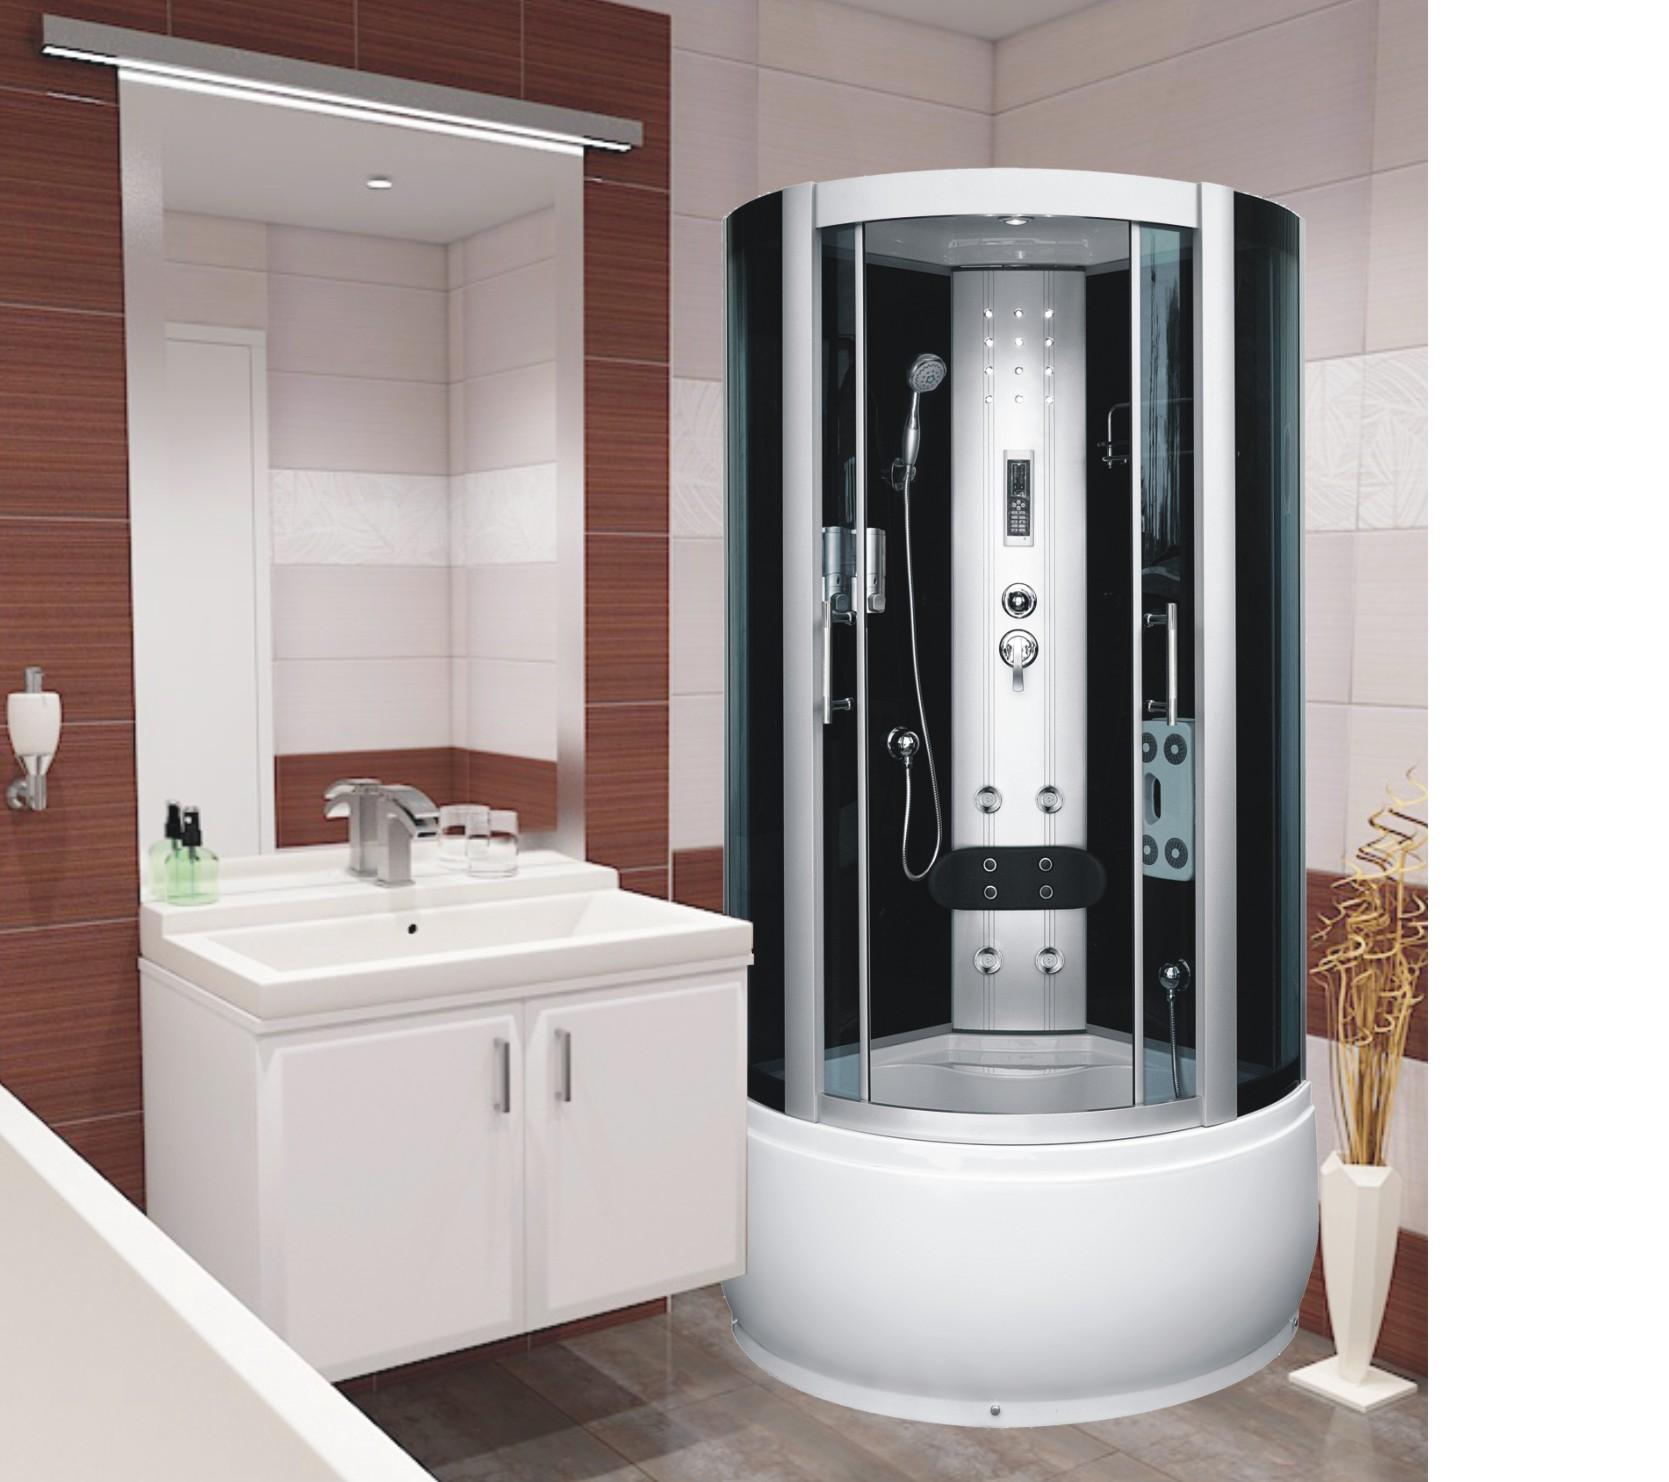 UNCLE DUO 90 Well sprchový masážní box, skladem